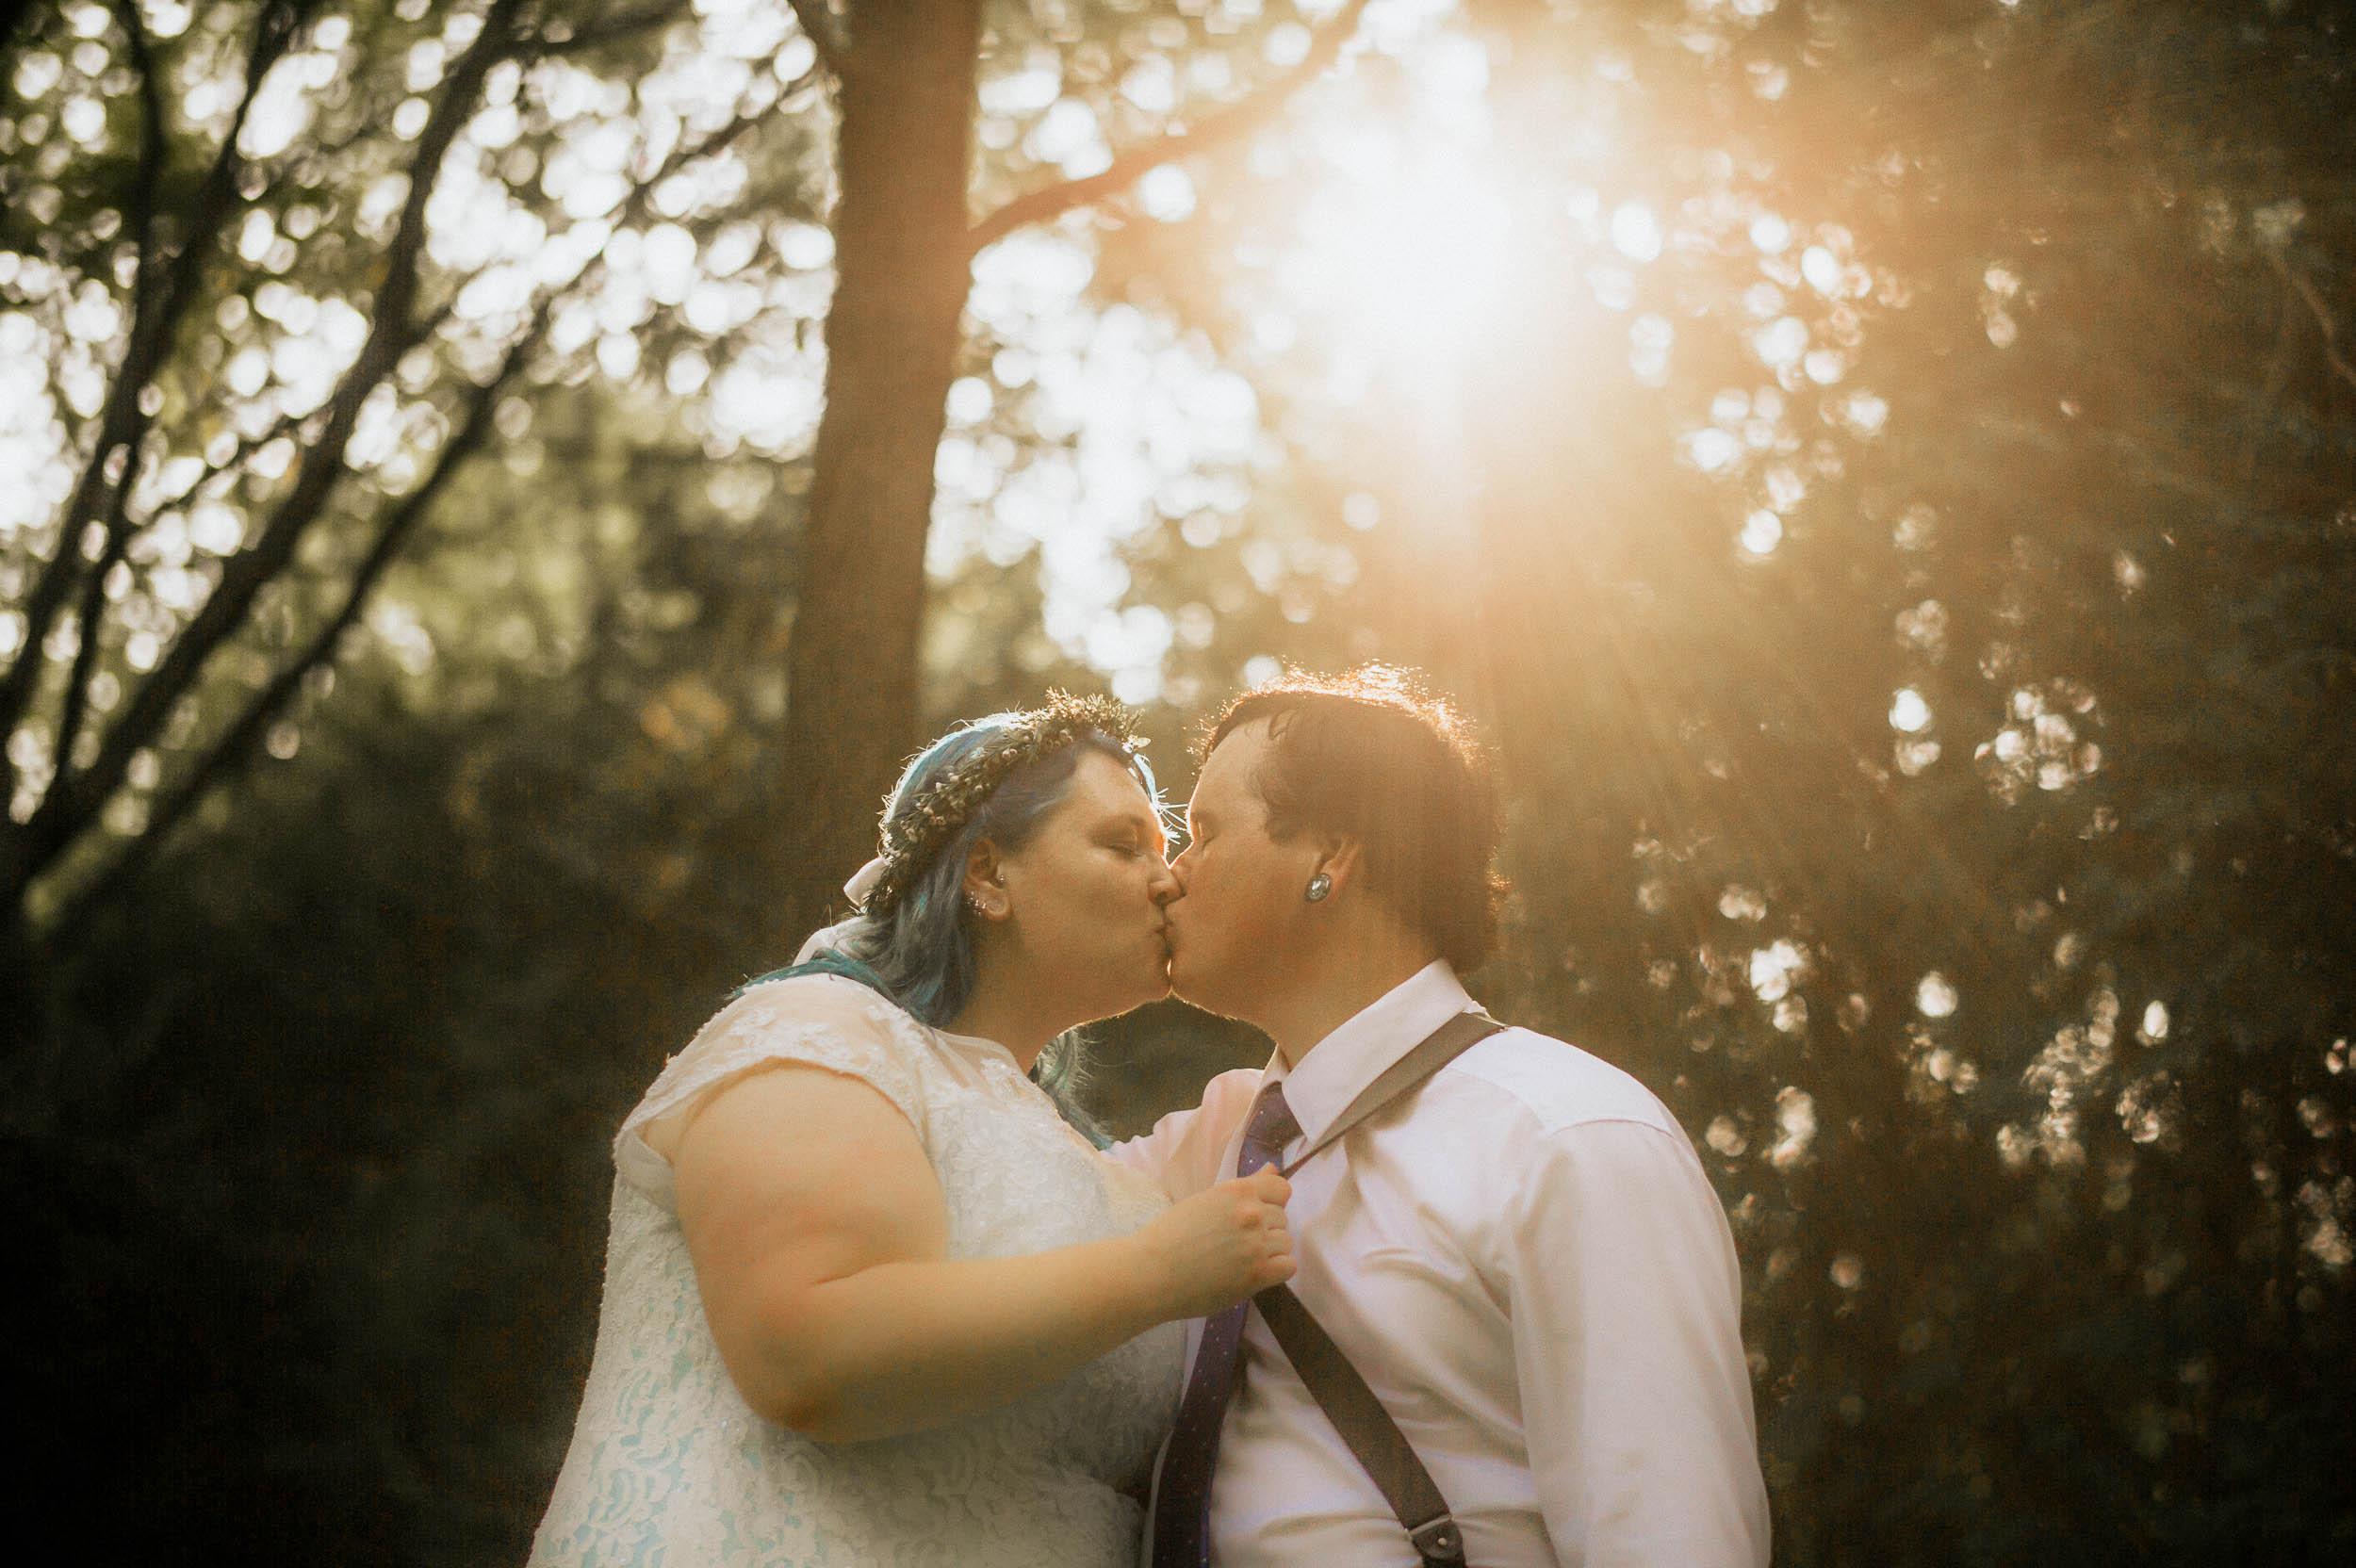 wedding-photography-stratford-davidiam-240.jpg